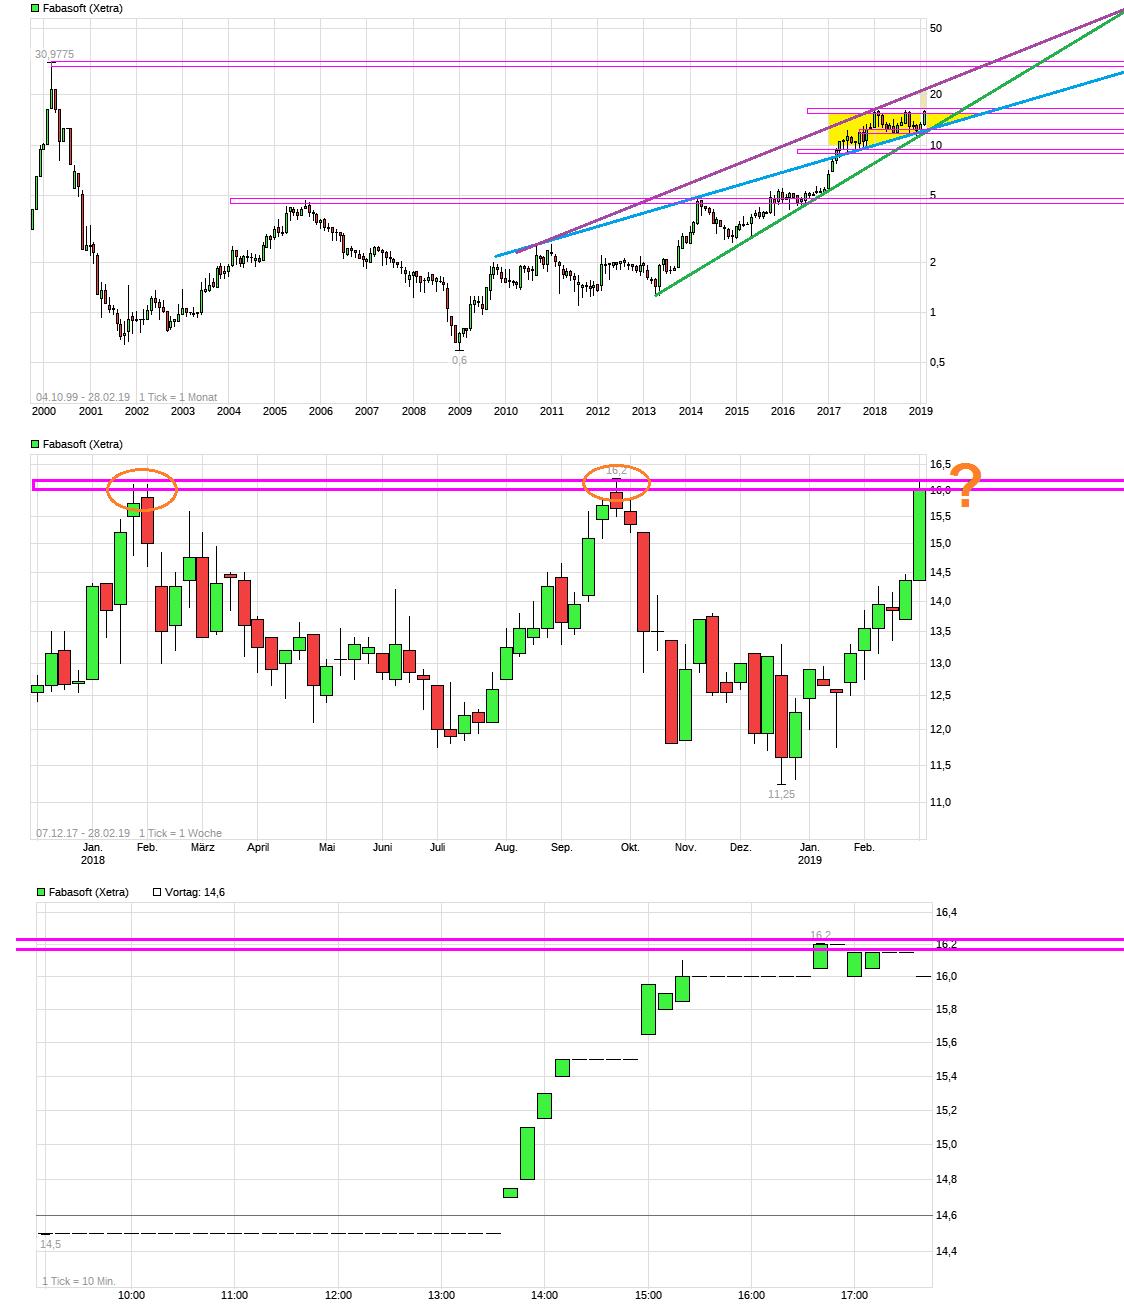 chart_free_fabasoft.png